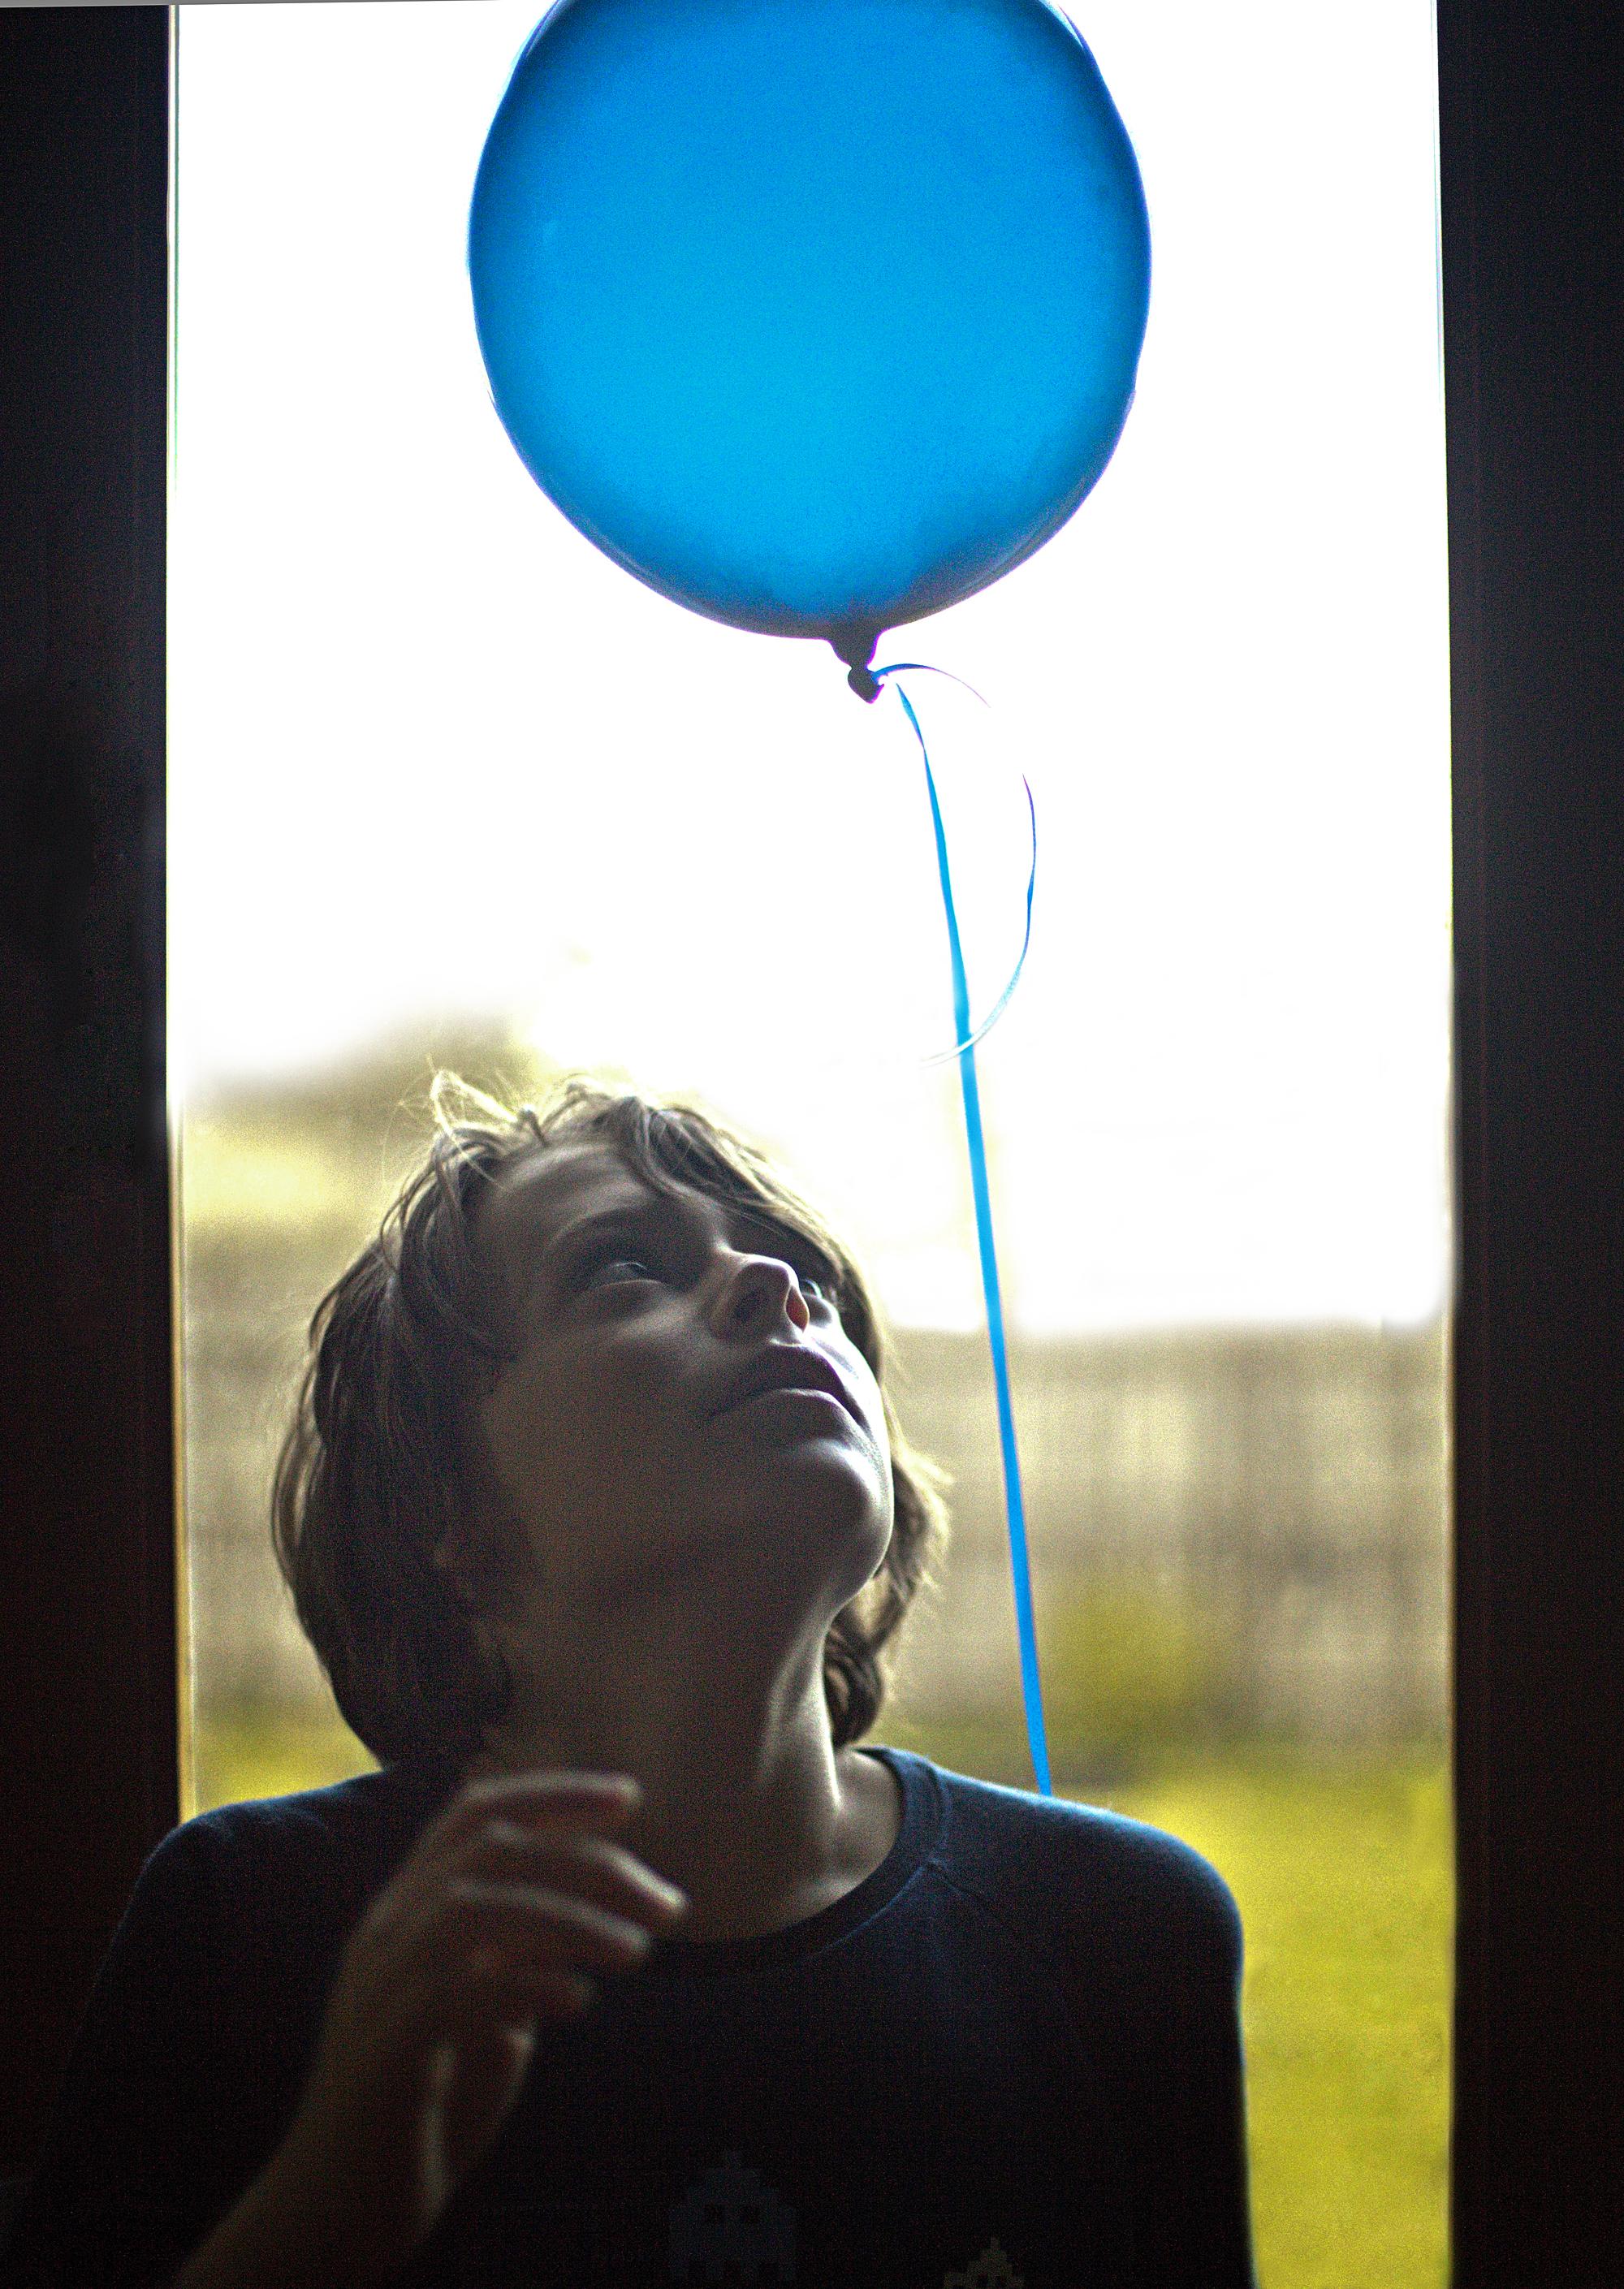 013tobyballoon.jpg